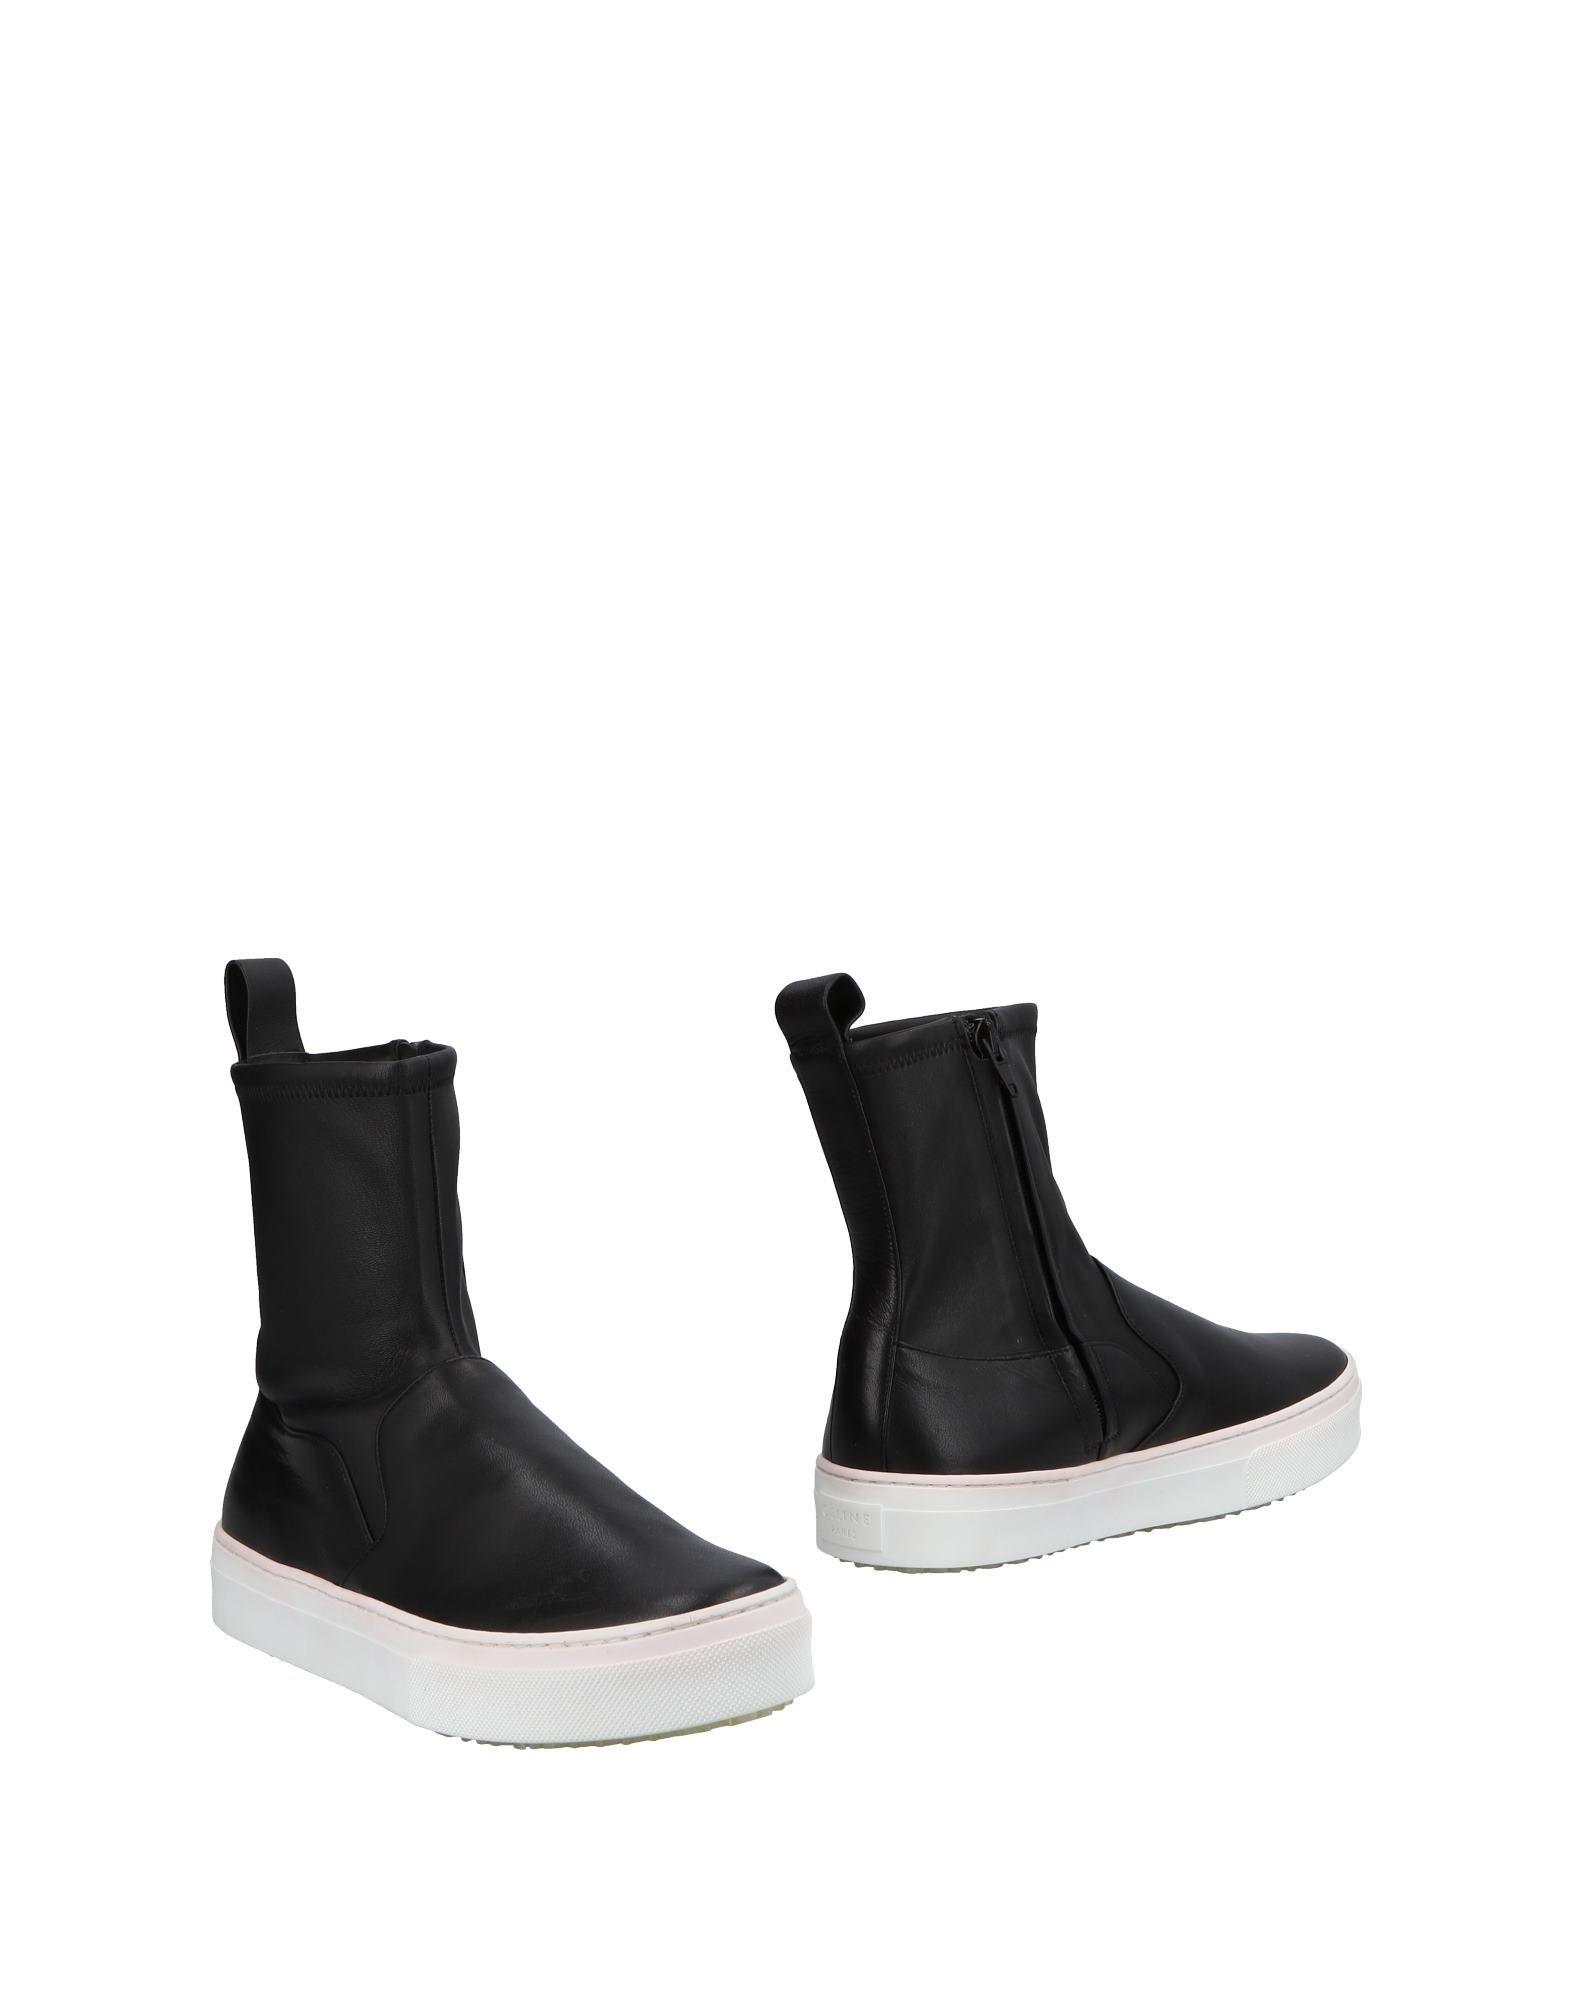 Haltbare Mode billige Schuhe Céline Stiefelette Damen  11482364ES Heiße Schuhe